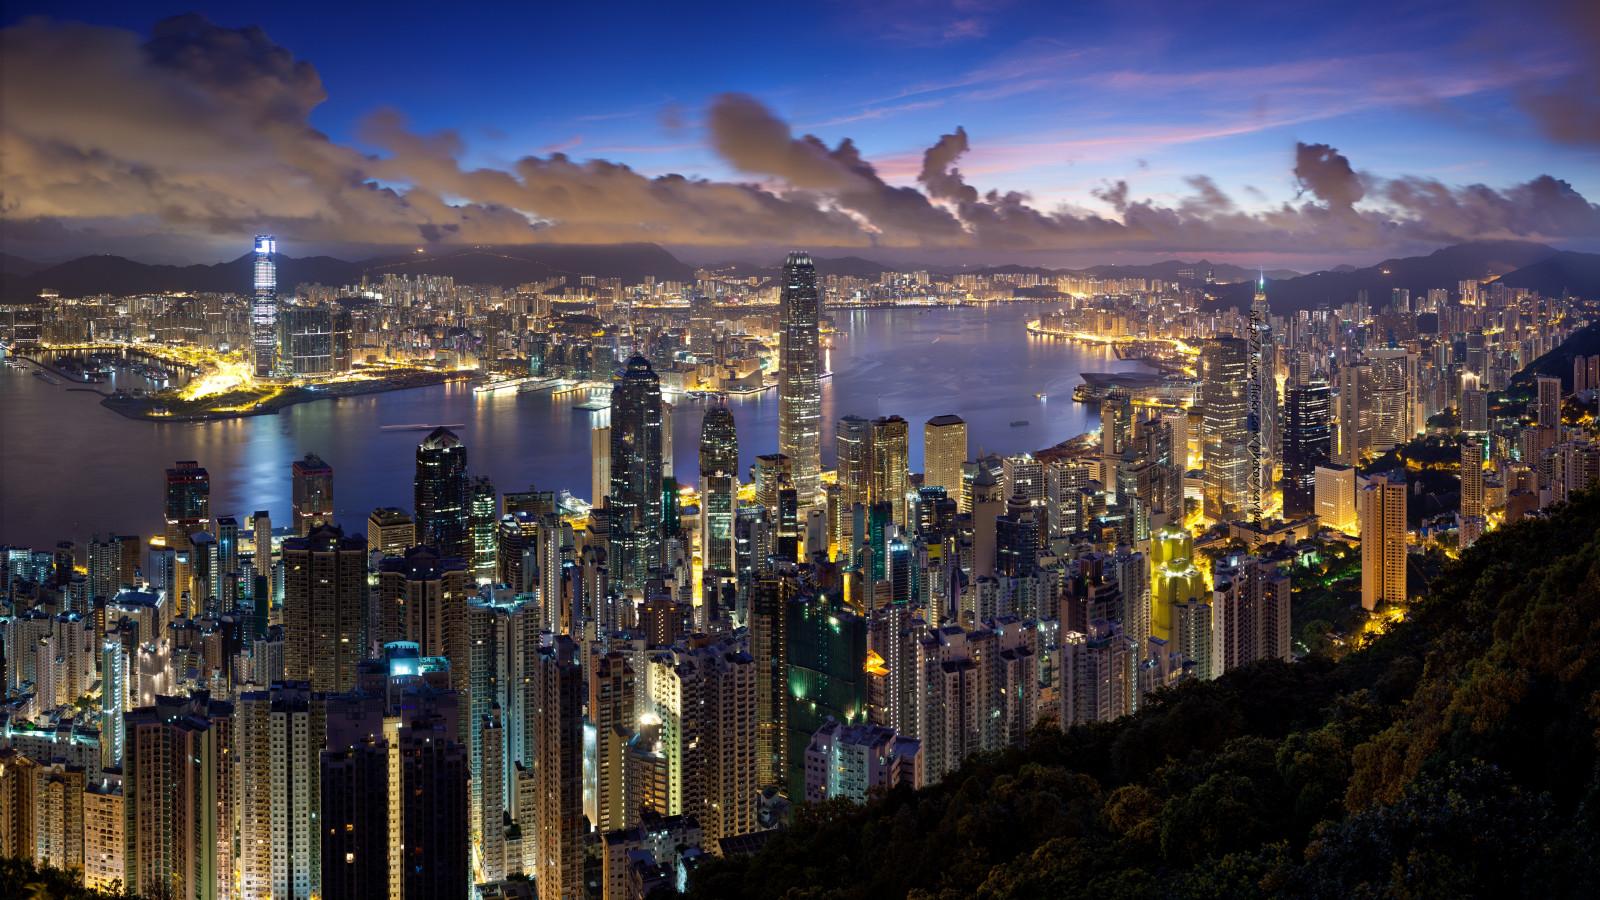 hintergrundbilder stadt hongkong nacht wolken beleuchtung 5328x3000 wallup 1059964. Black Bedroom Furniture Sets. Home Design Ideas